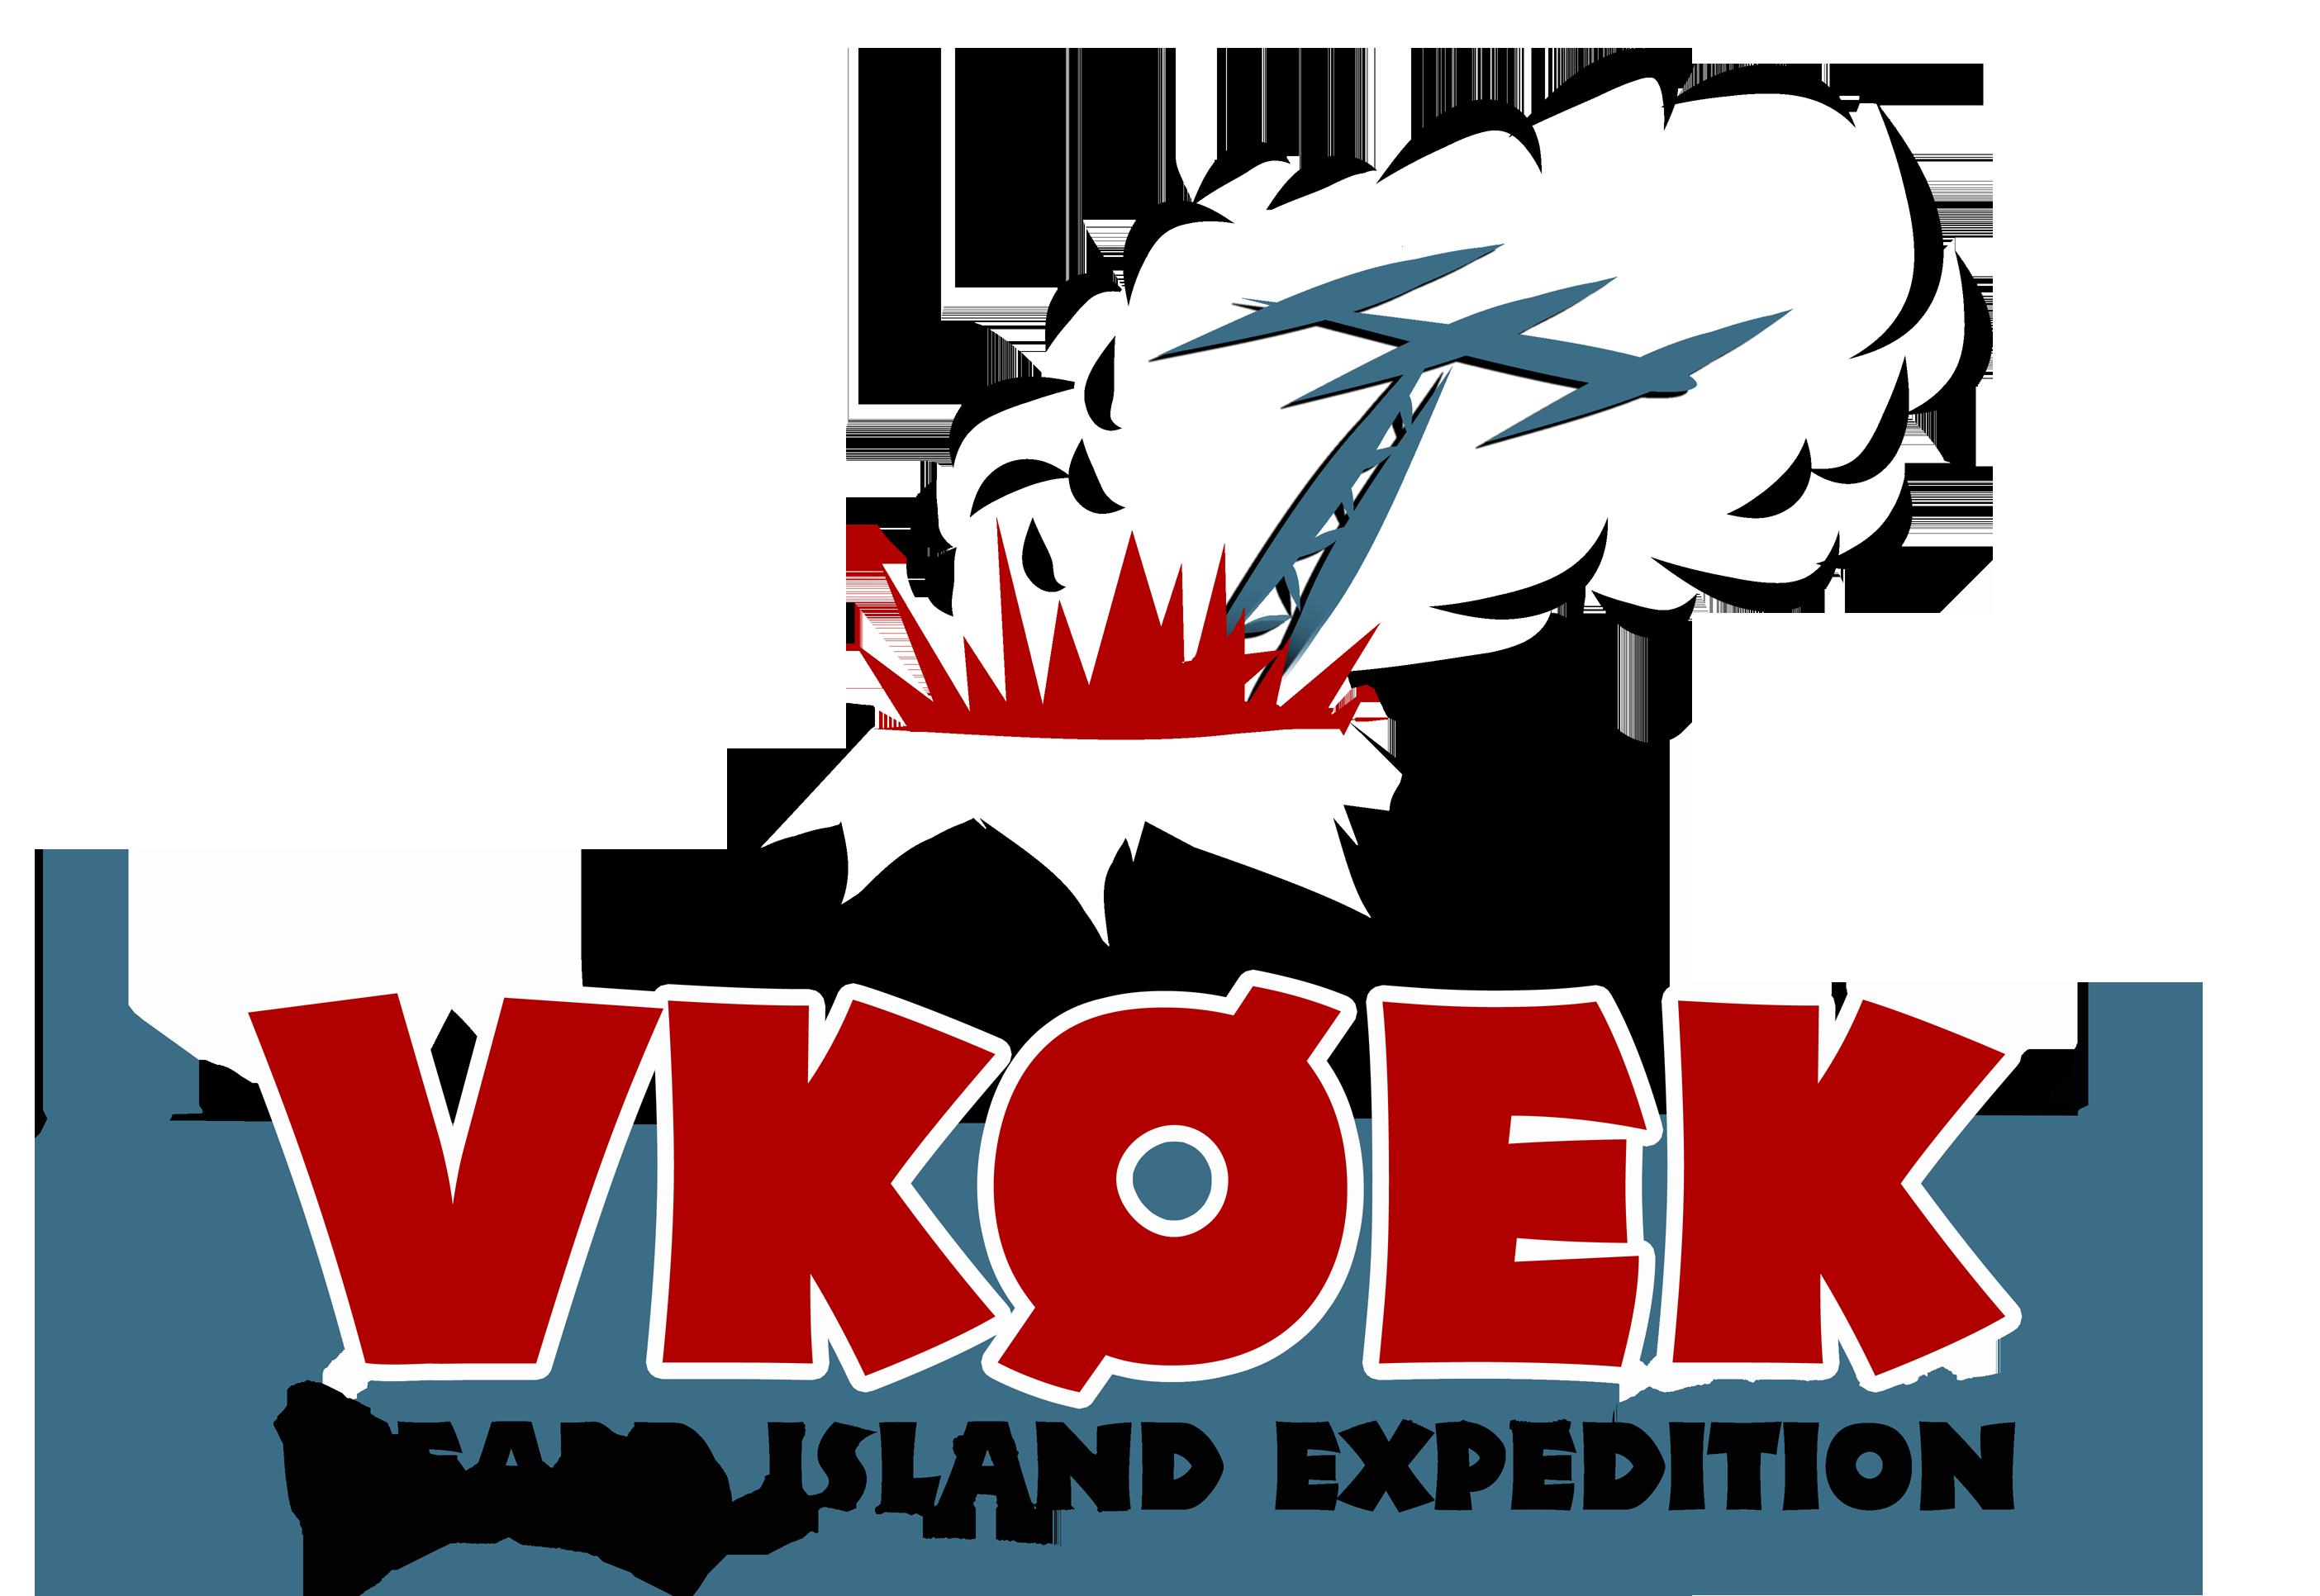 VK0EK, Heard Island 2015